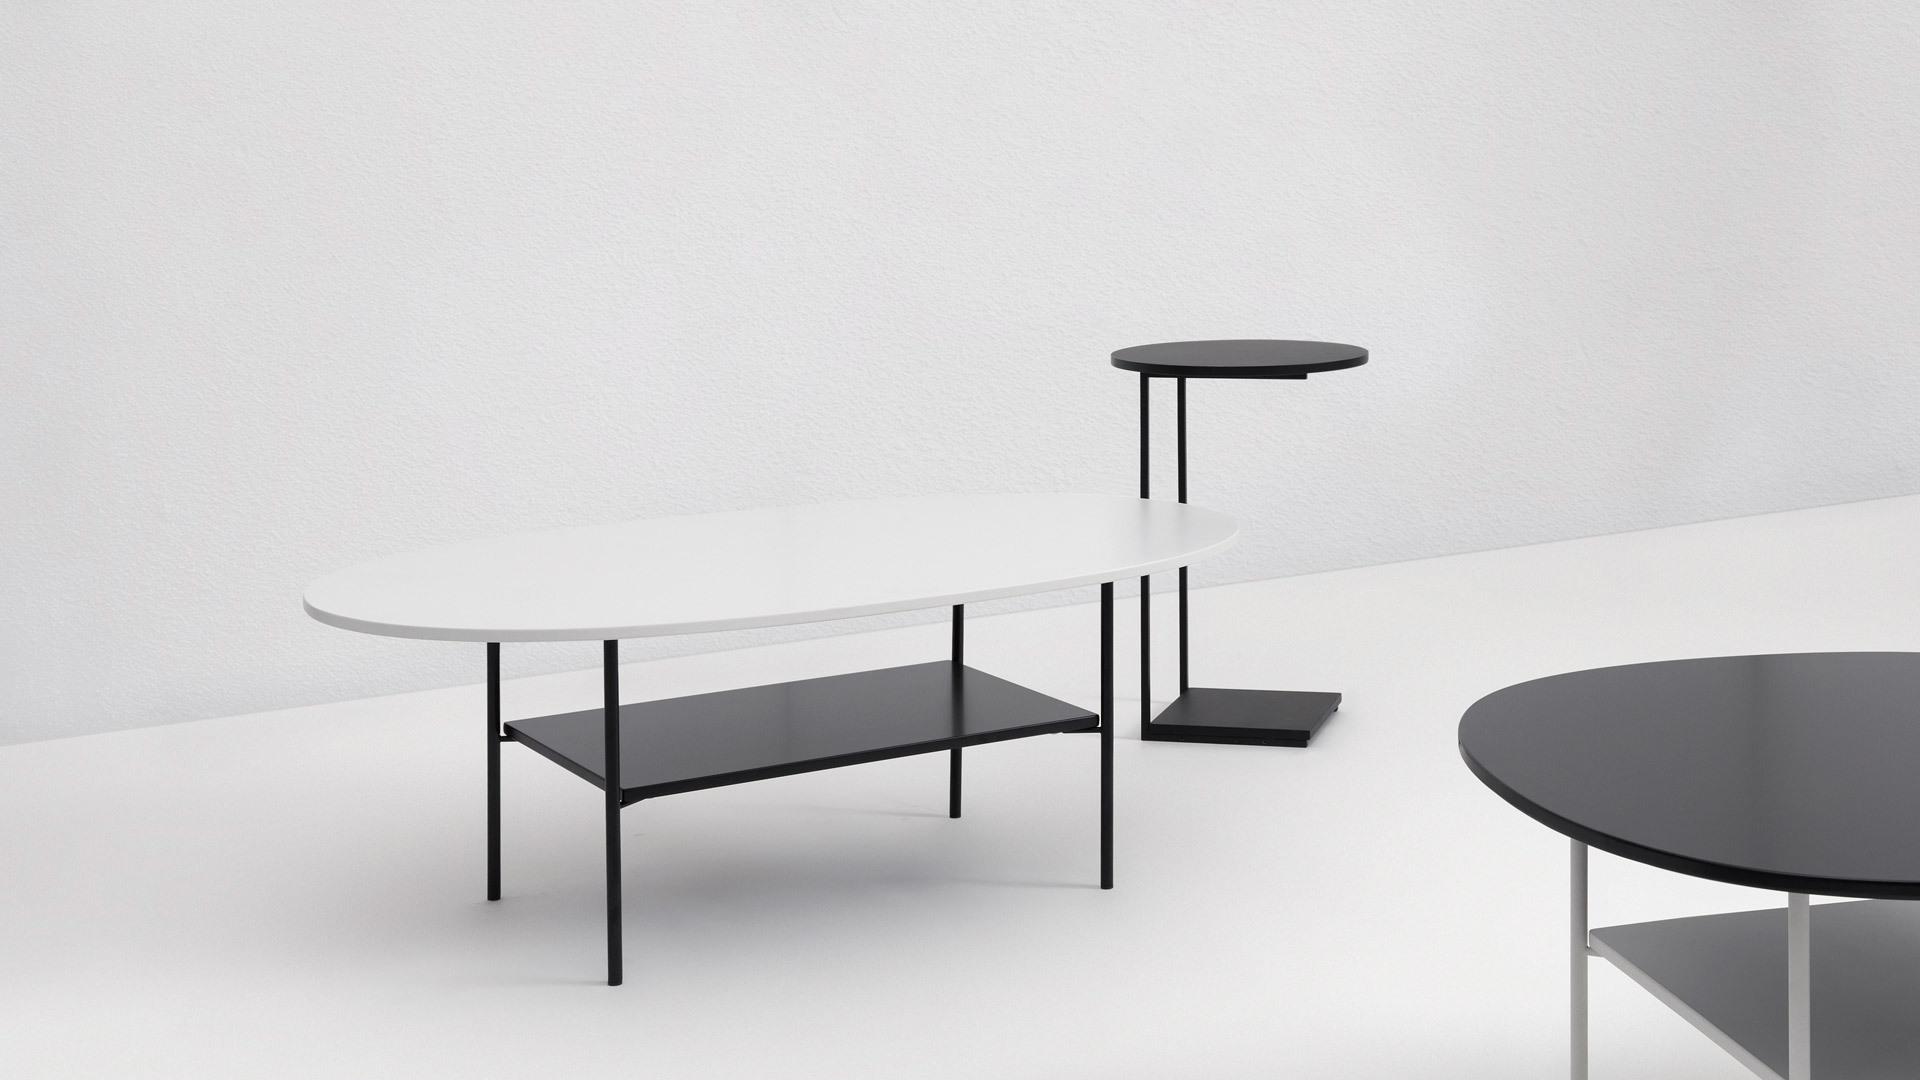 熊猫茶几+边桌,一次线与面的美学实践